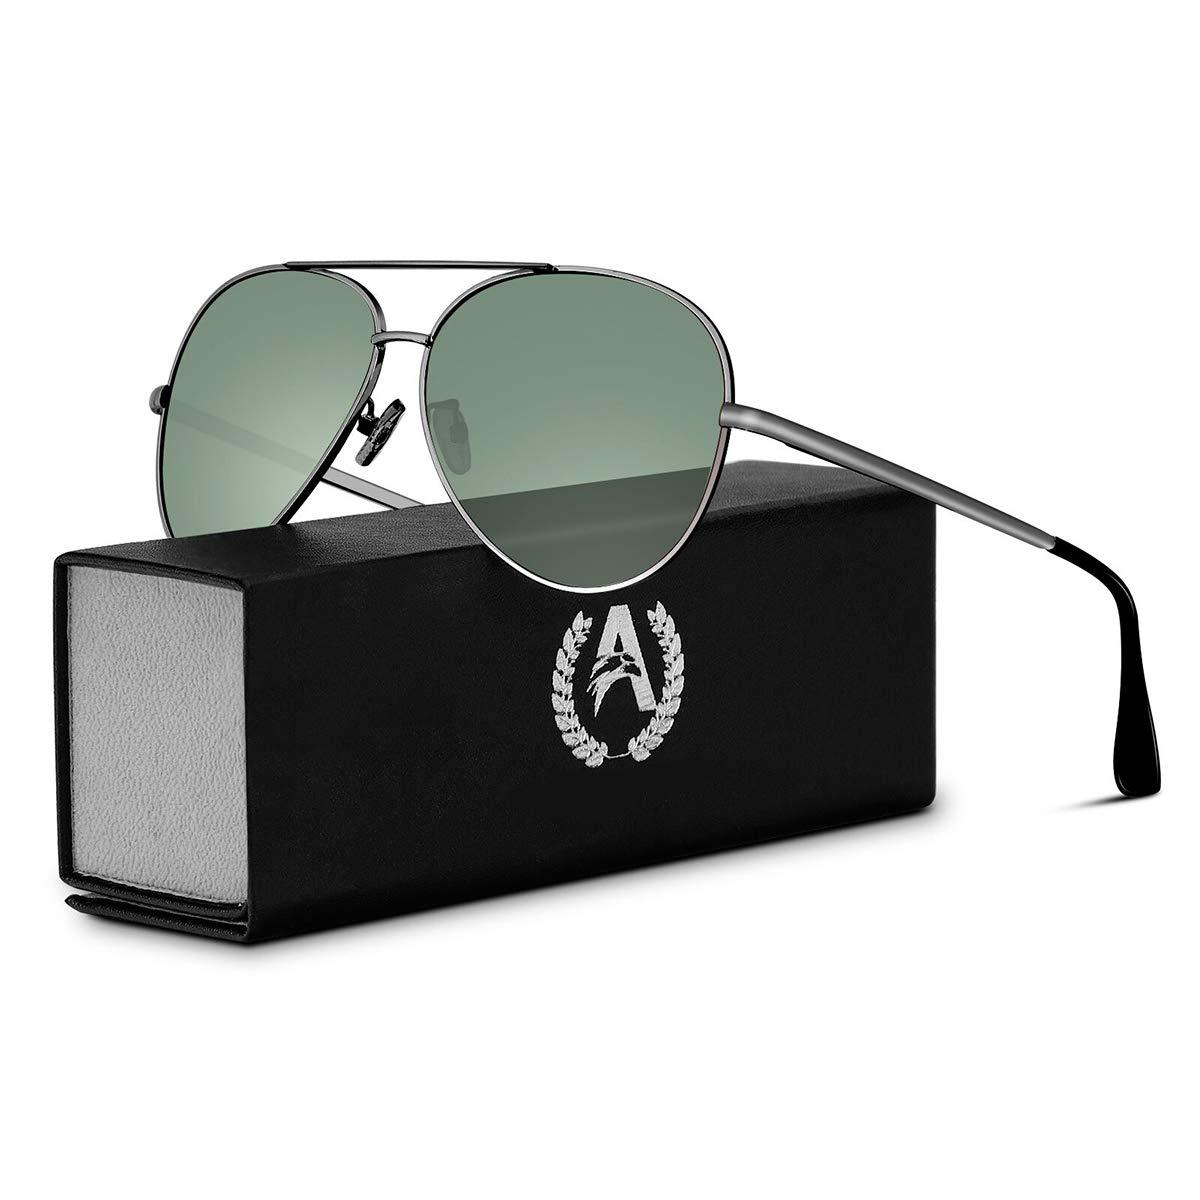 e83e123a54 VVA Gafas de sol Hombre Polarizadas Aviador Hombres Aviador Gafas de sol  Polarizadas Hombre Unisex Protección